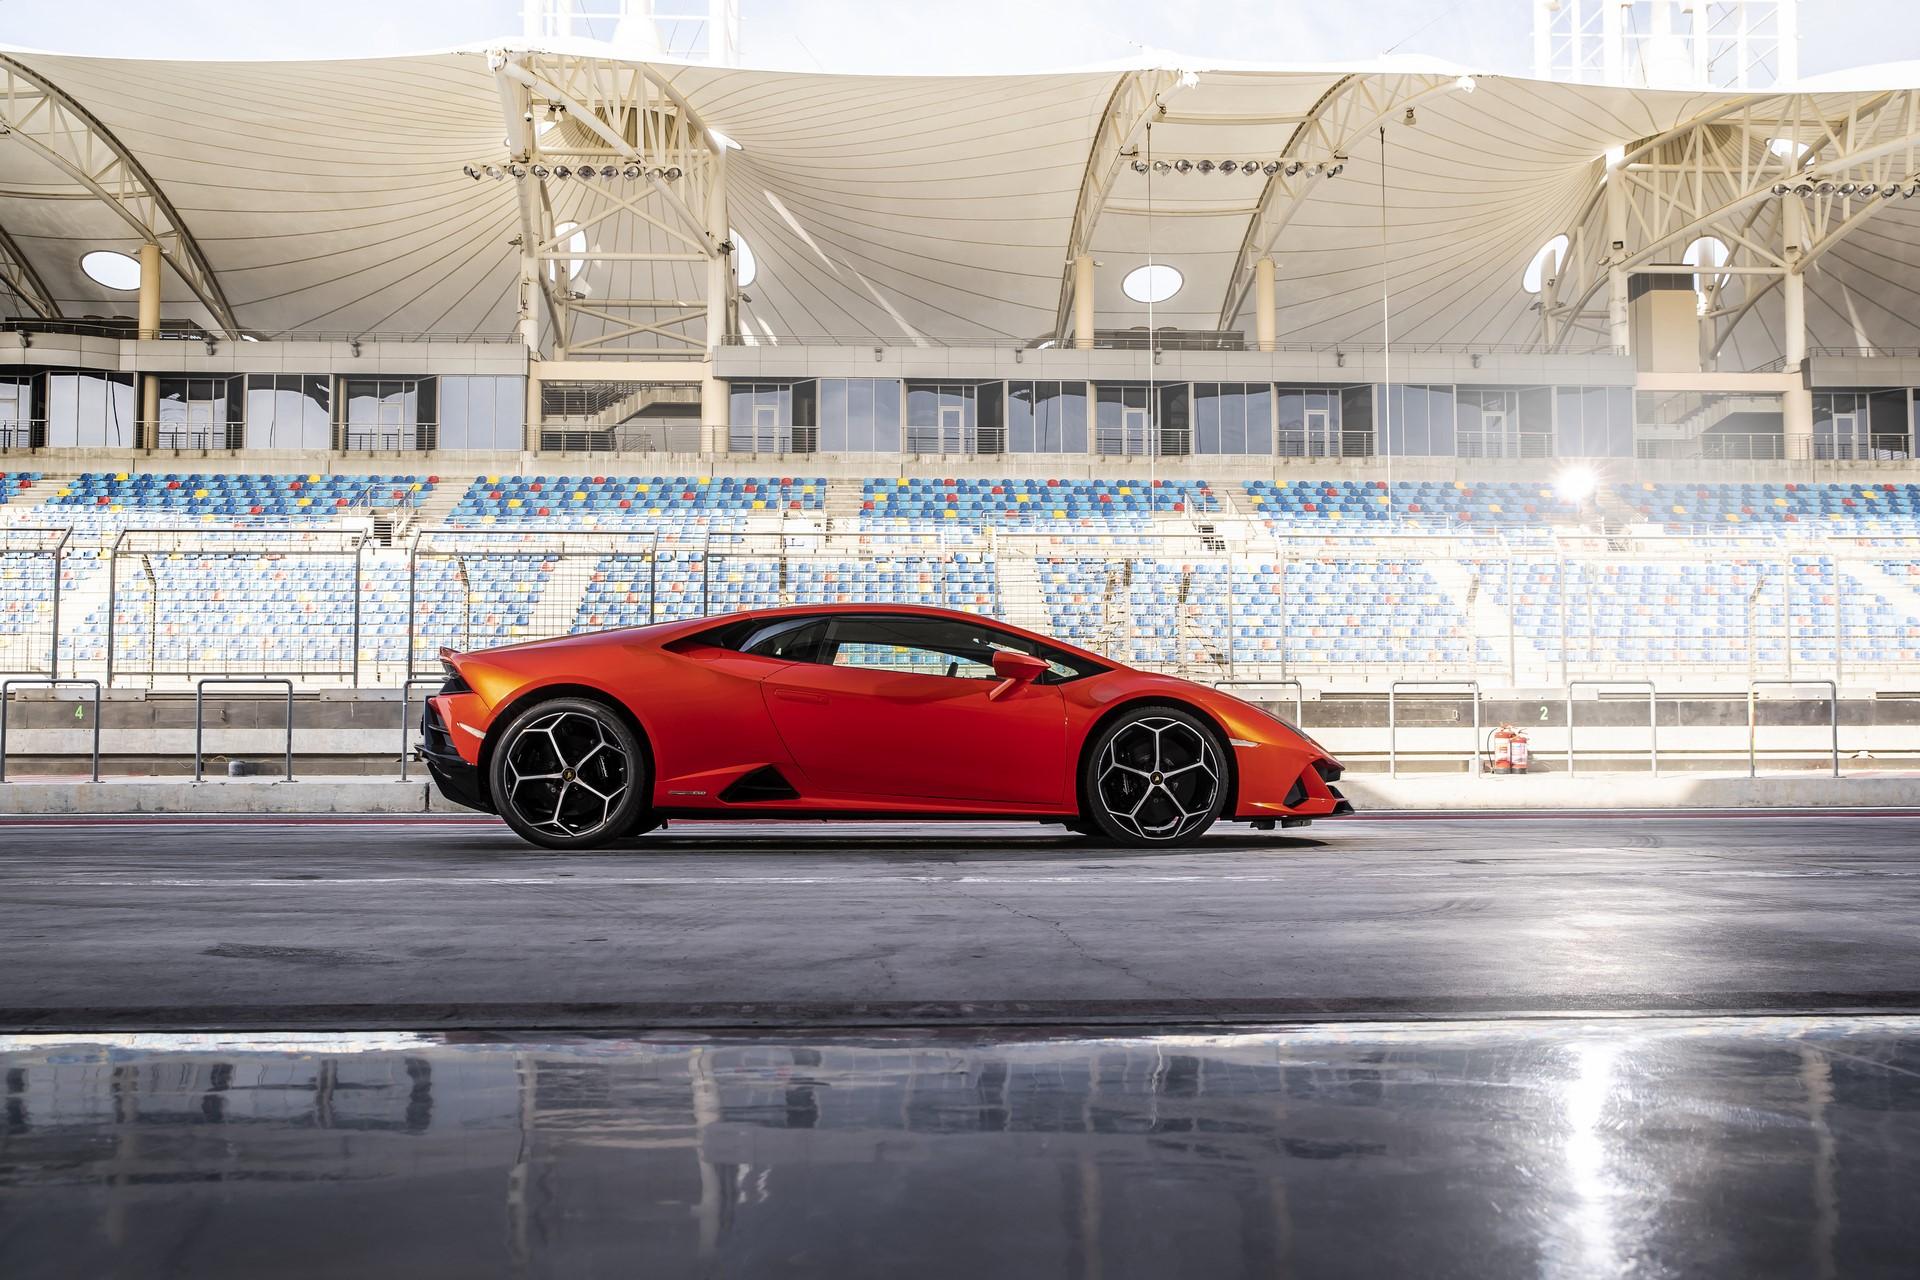 Lamborghini Huracan Evo 2019 (59)